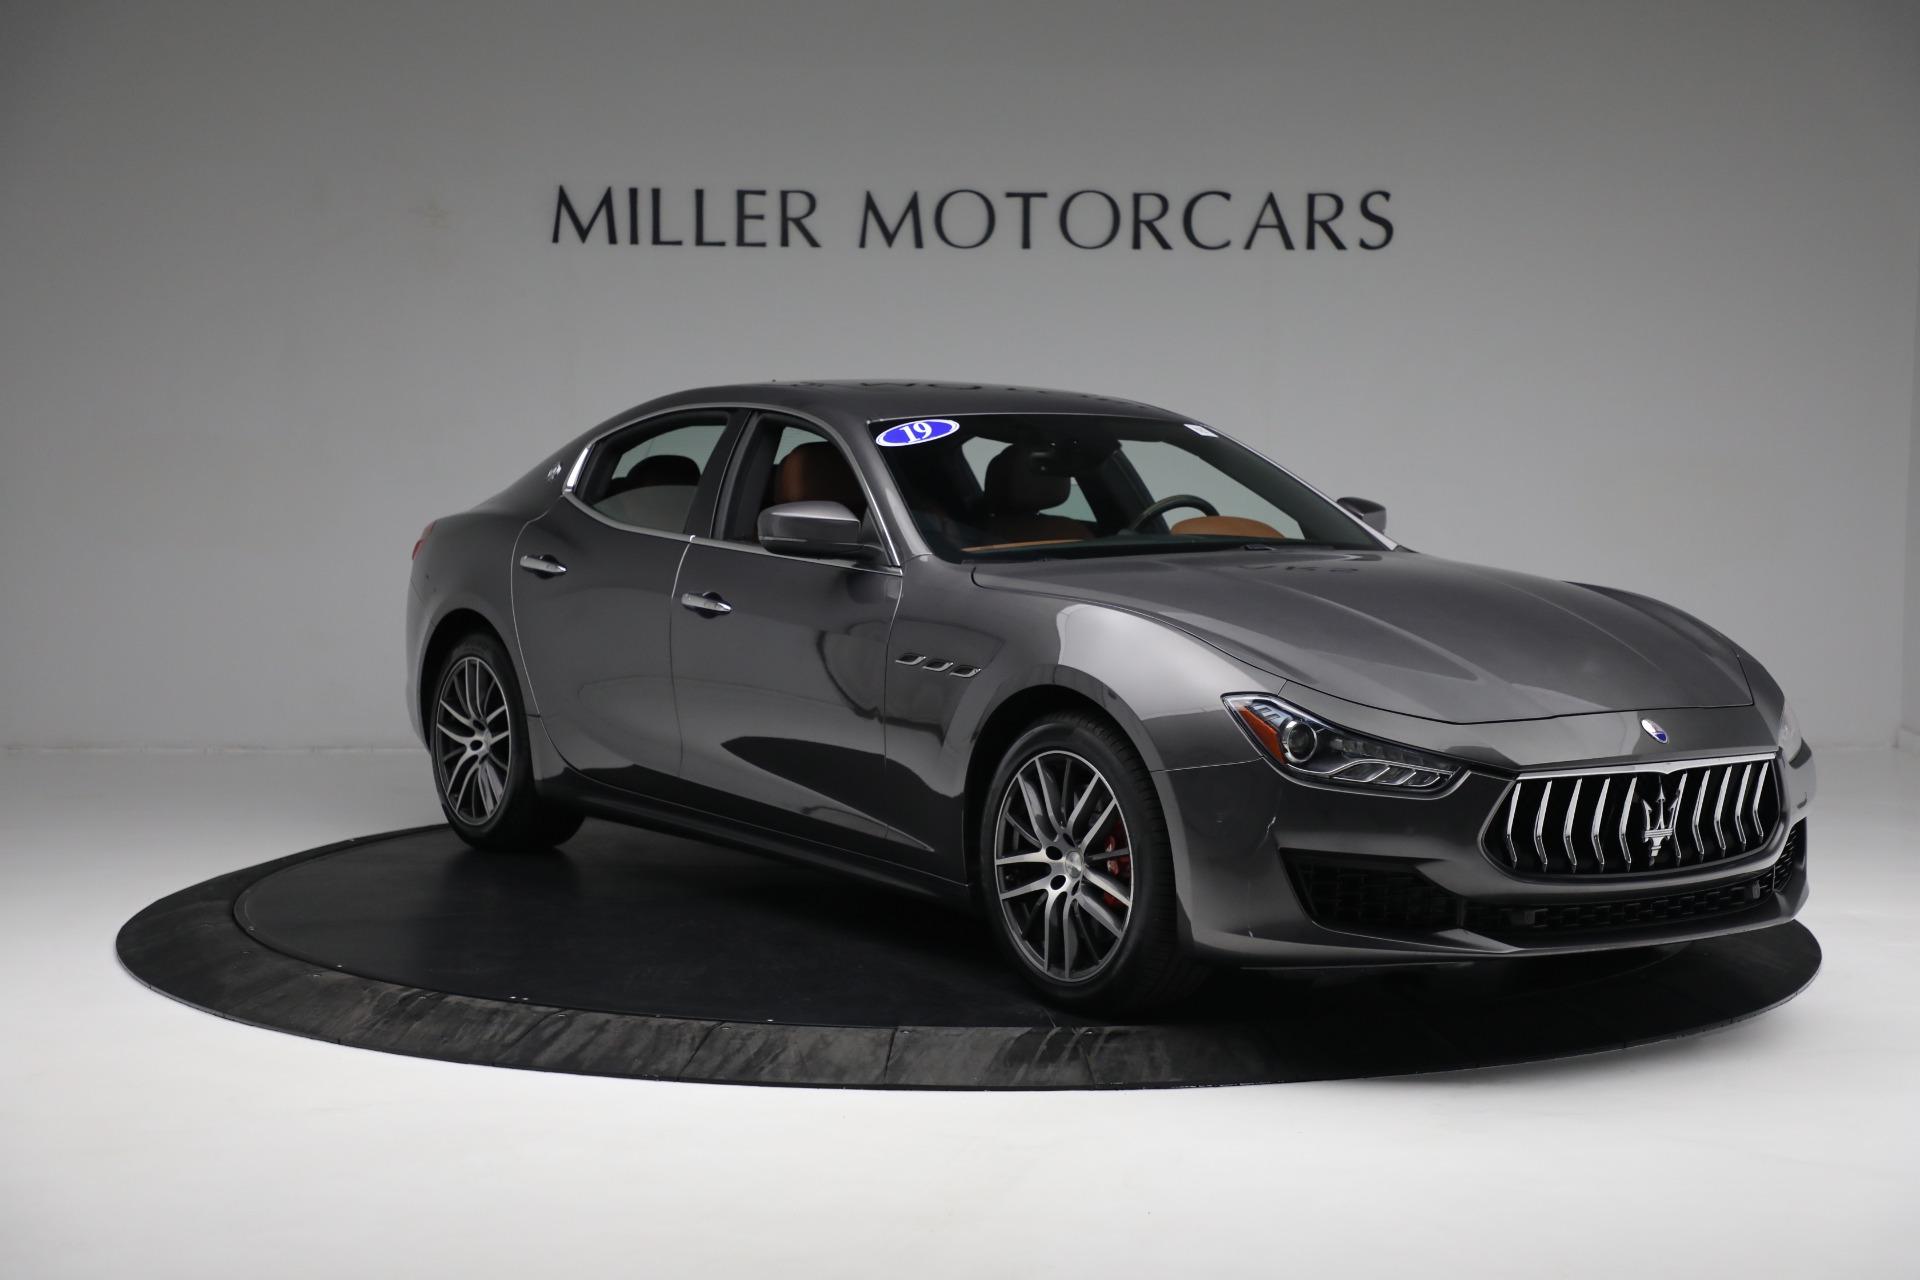 New 2019 Maserati Ghibli S Q4 For Sale In Greenwich, CT 3019_p11